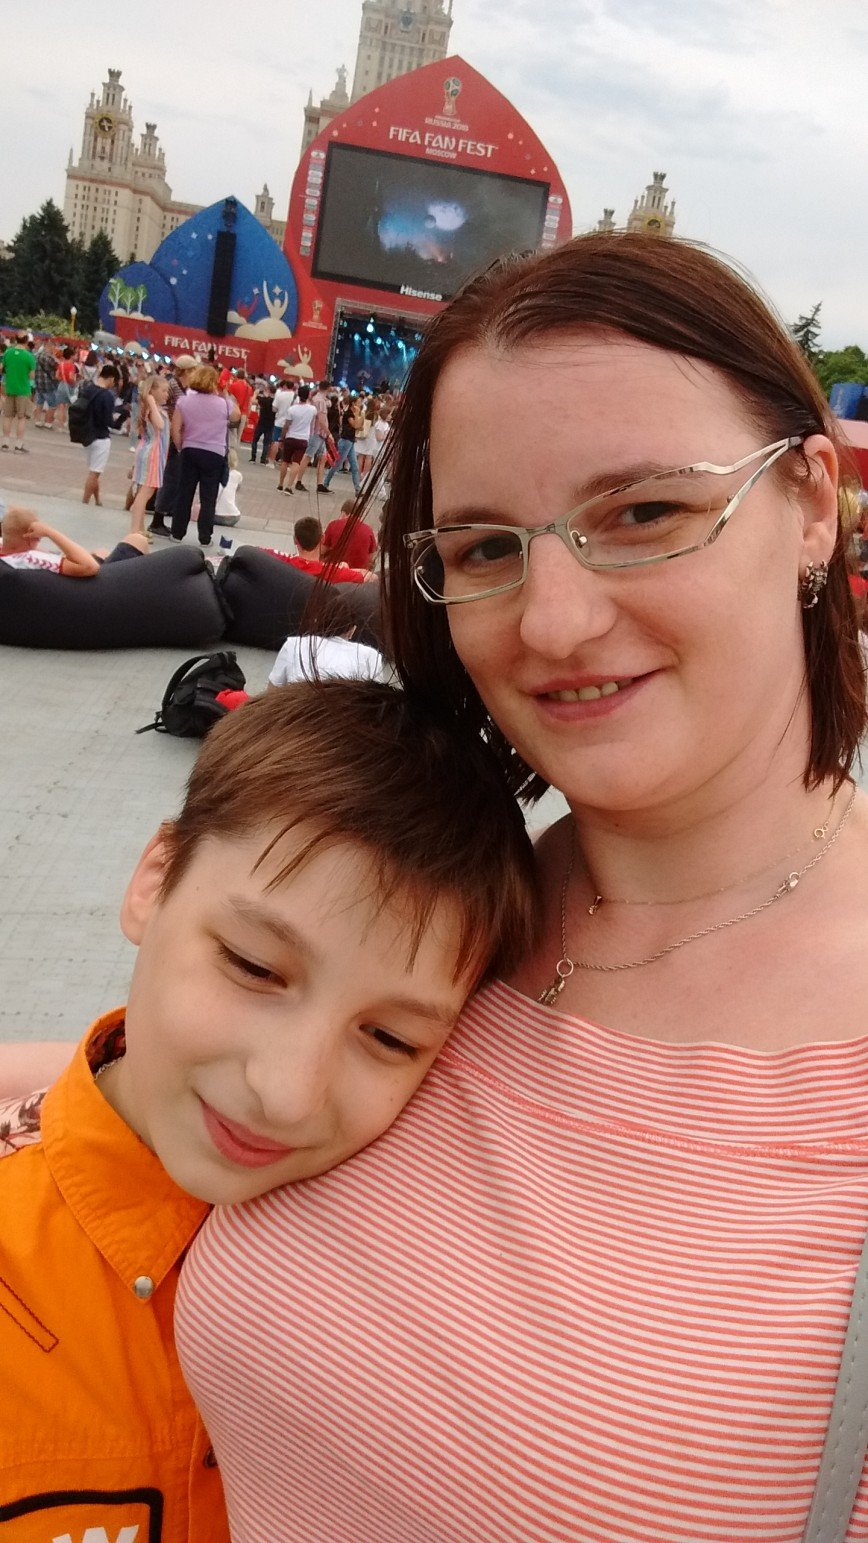 Автор: Eseniya, Фотозал: Моя семья, Я и мой сыночек Стасенька